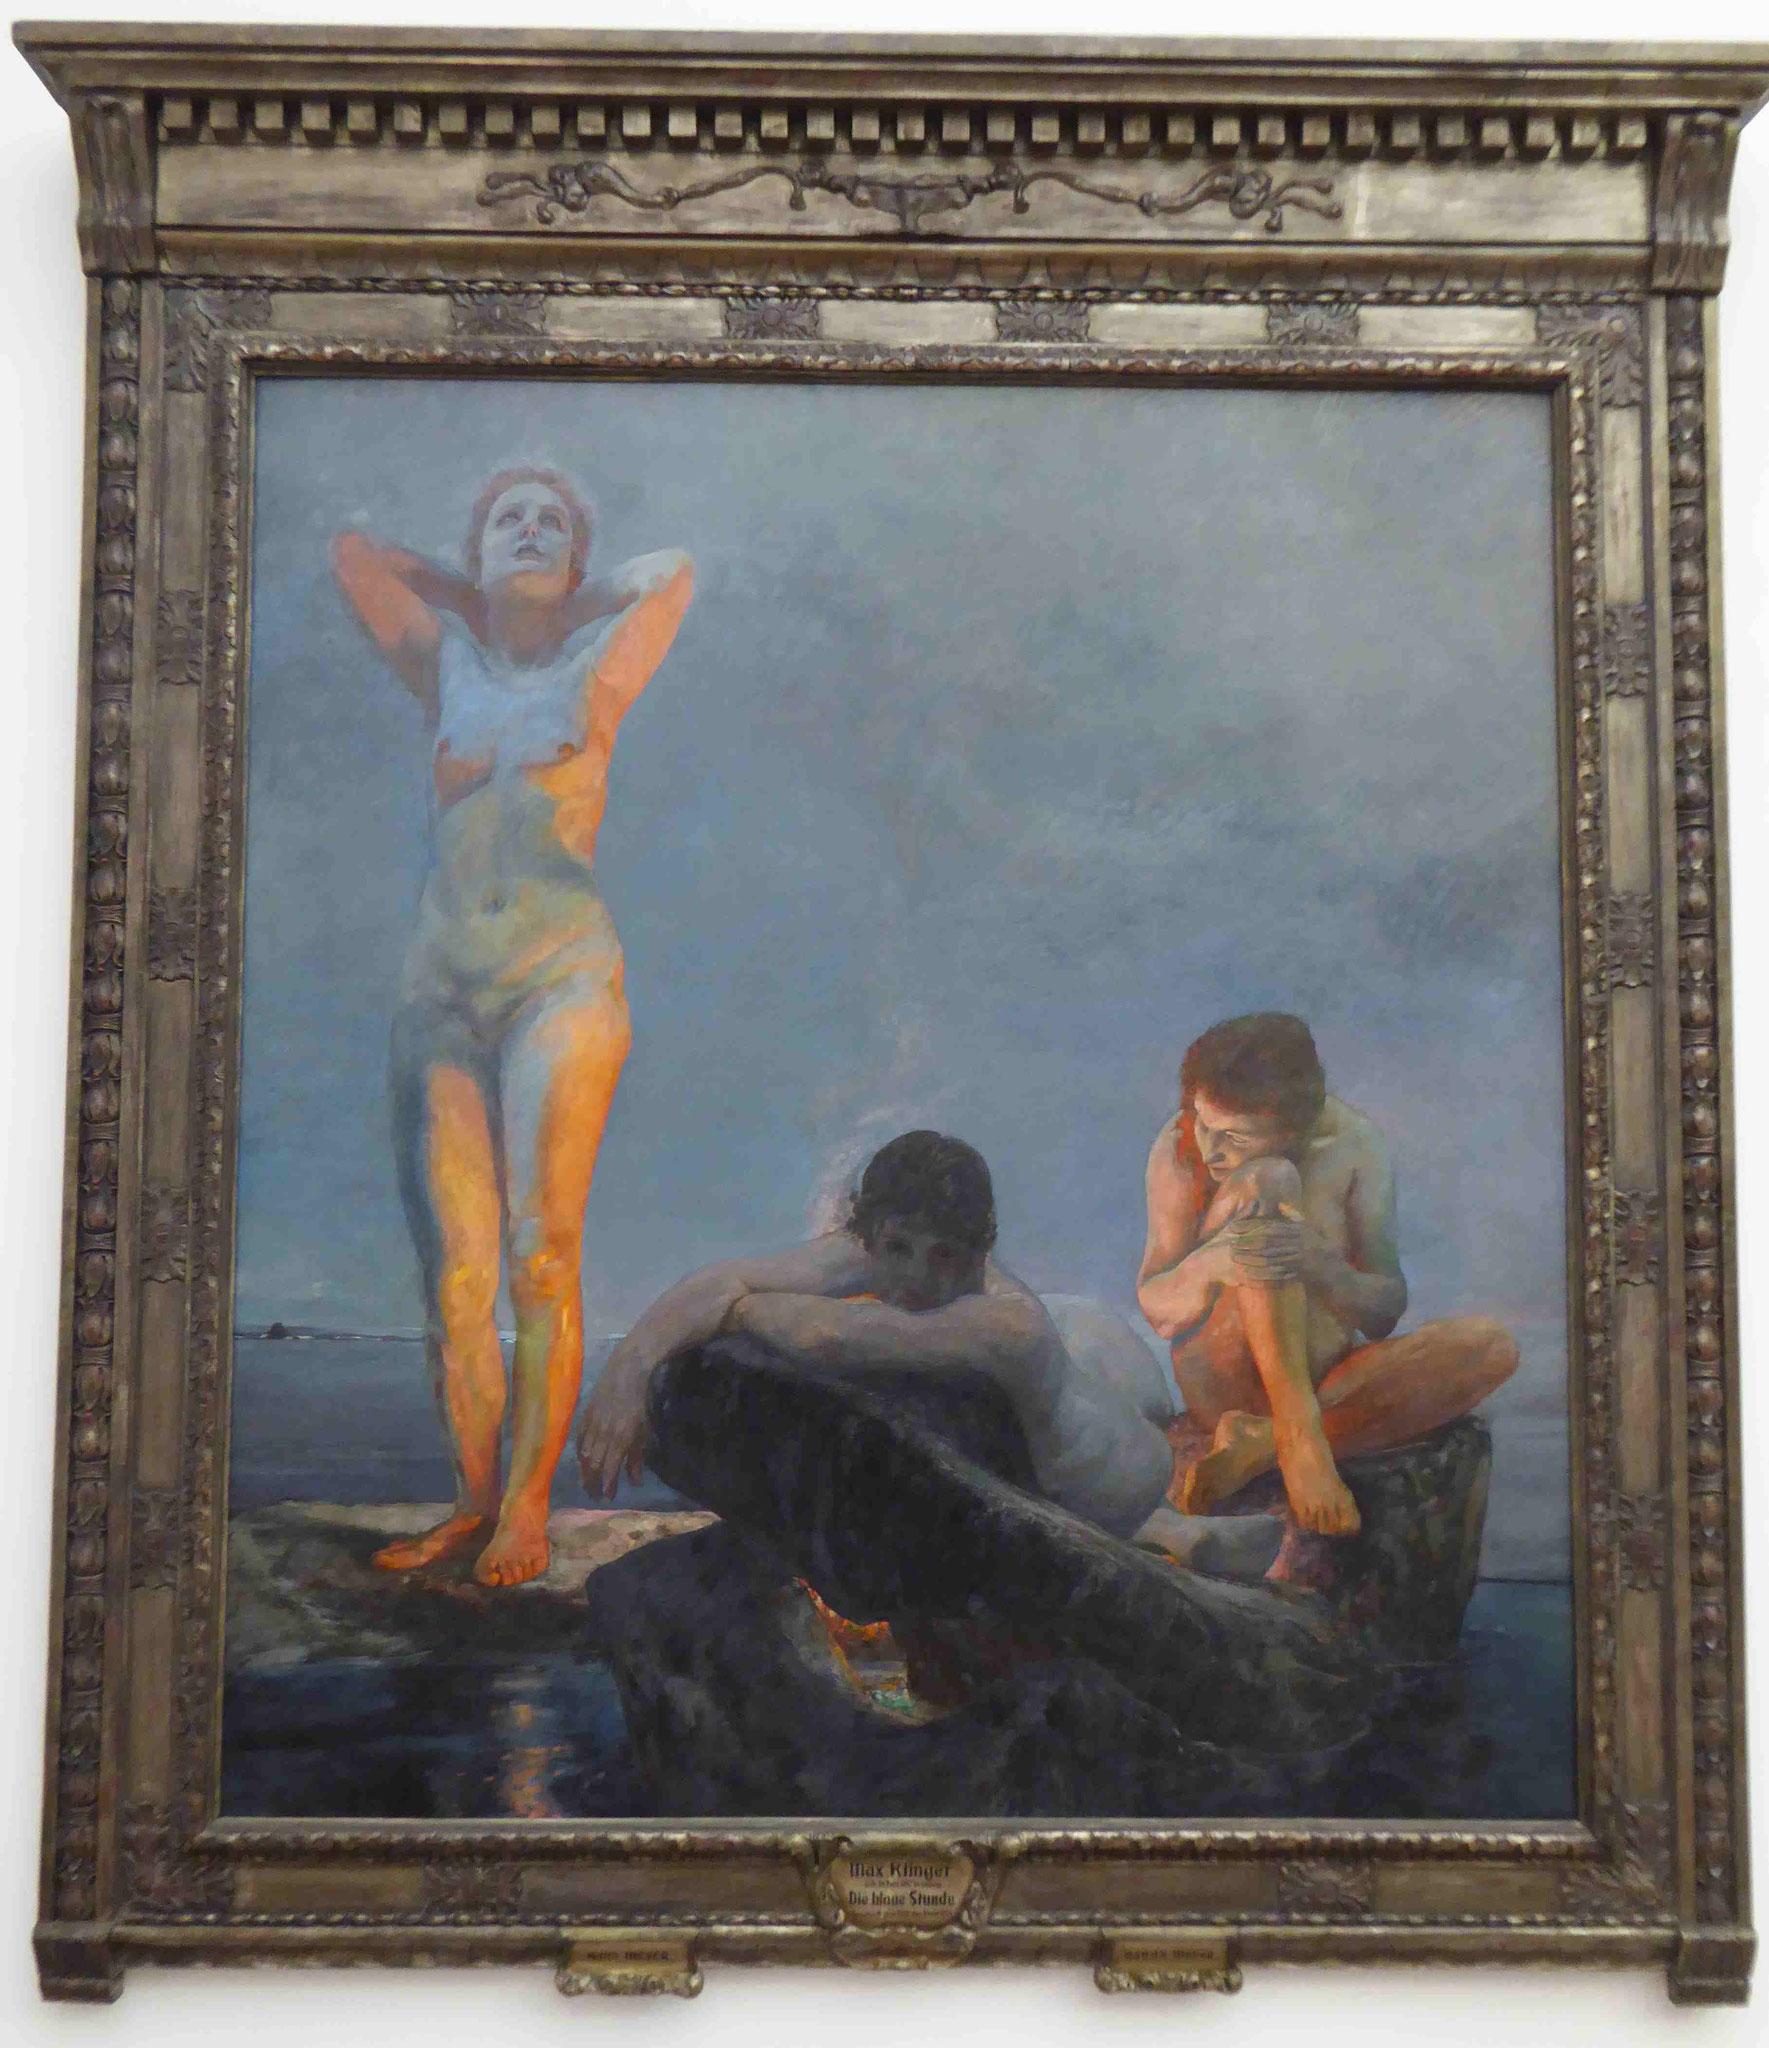 Max Klinger, Die Blaue Stunde, Museum der Bildenden Künste, Leipzig